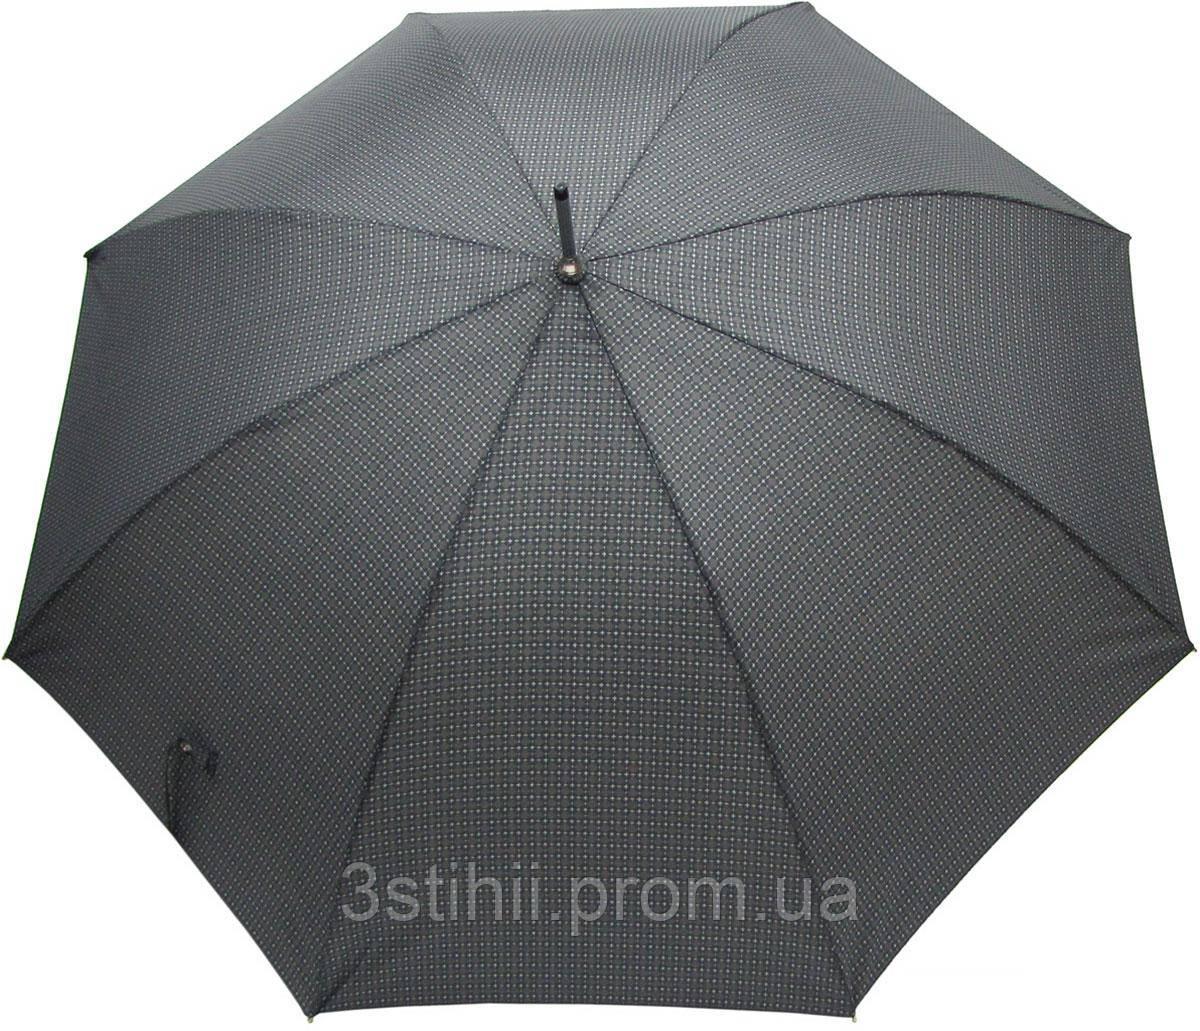 Зонт-трость Doppler 740167-2 полуавтомат Серый квадрат